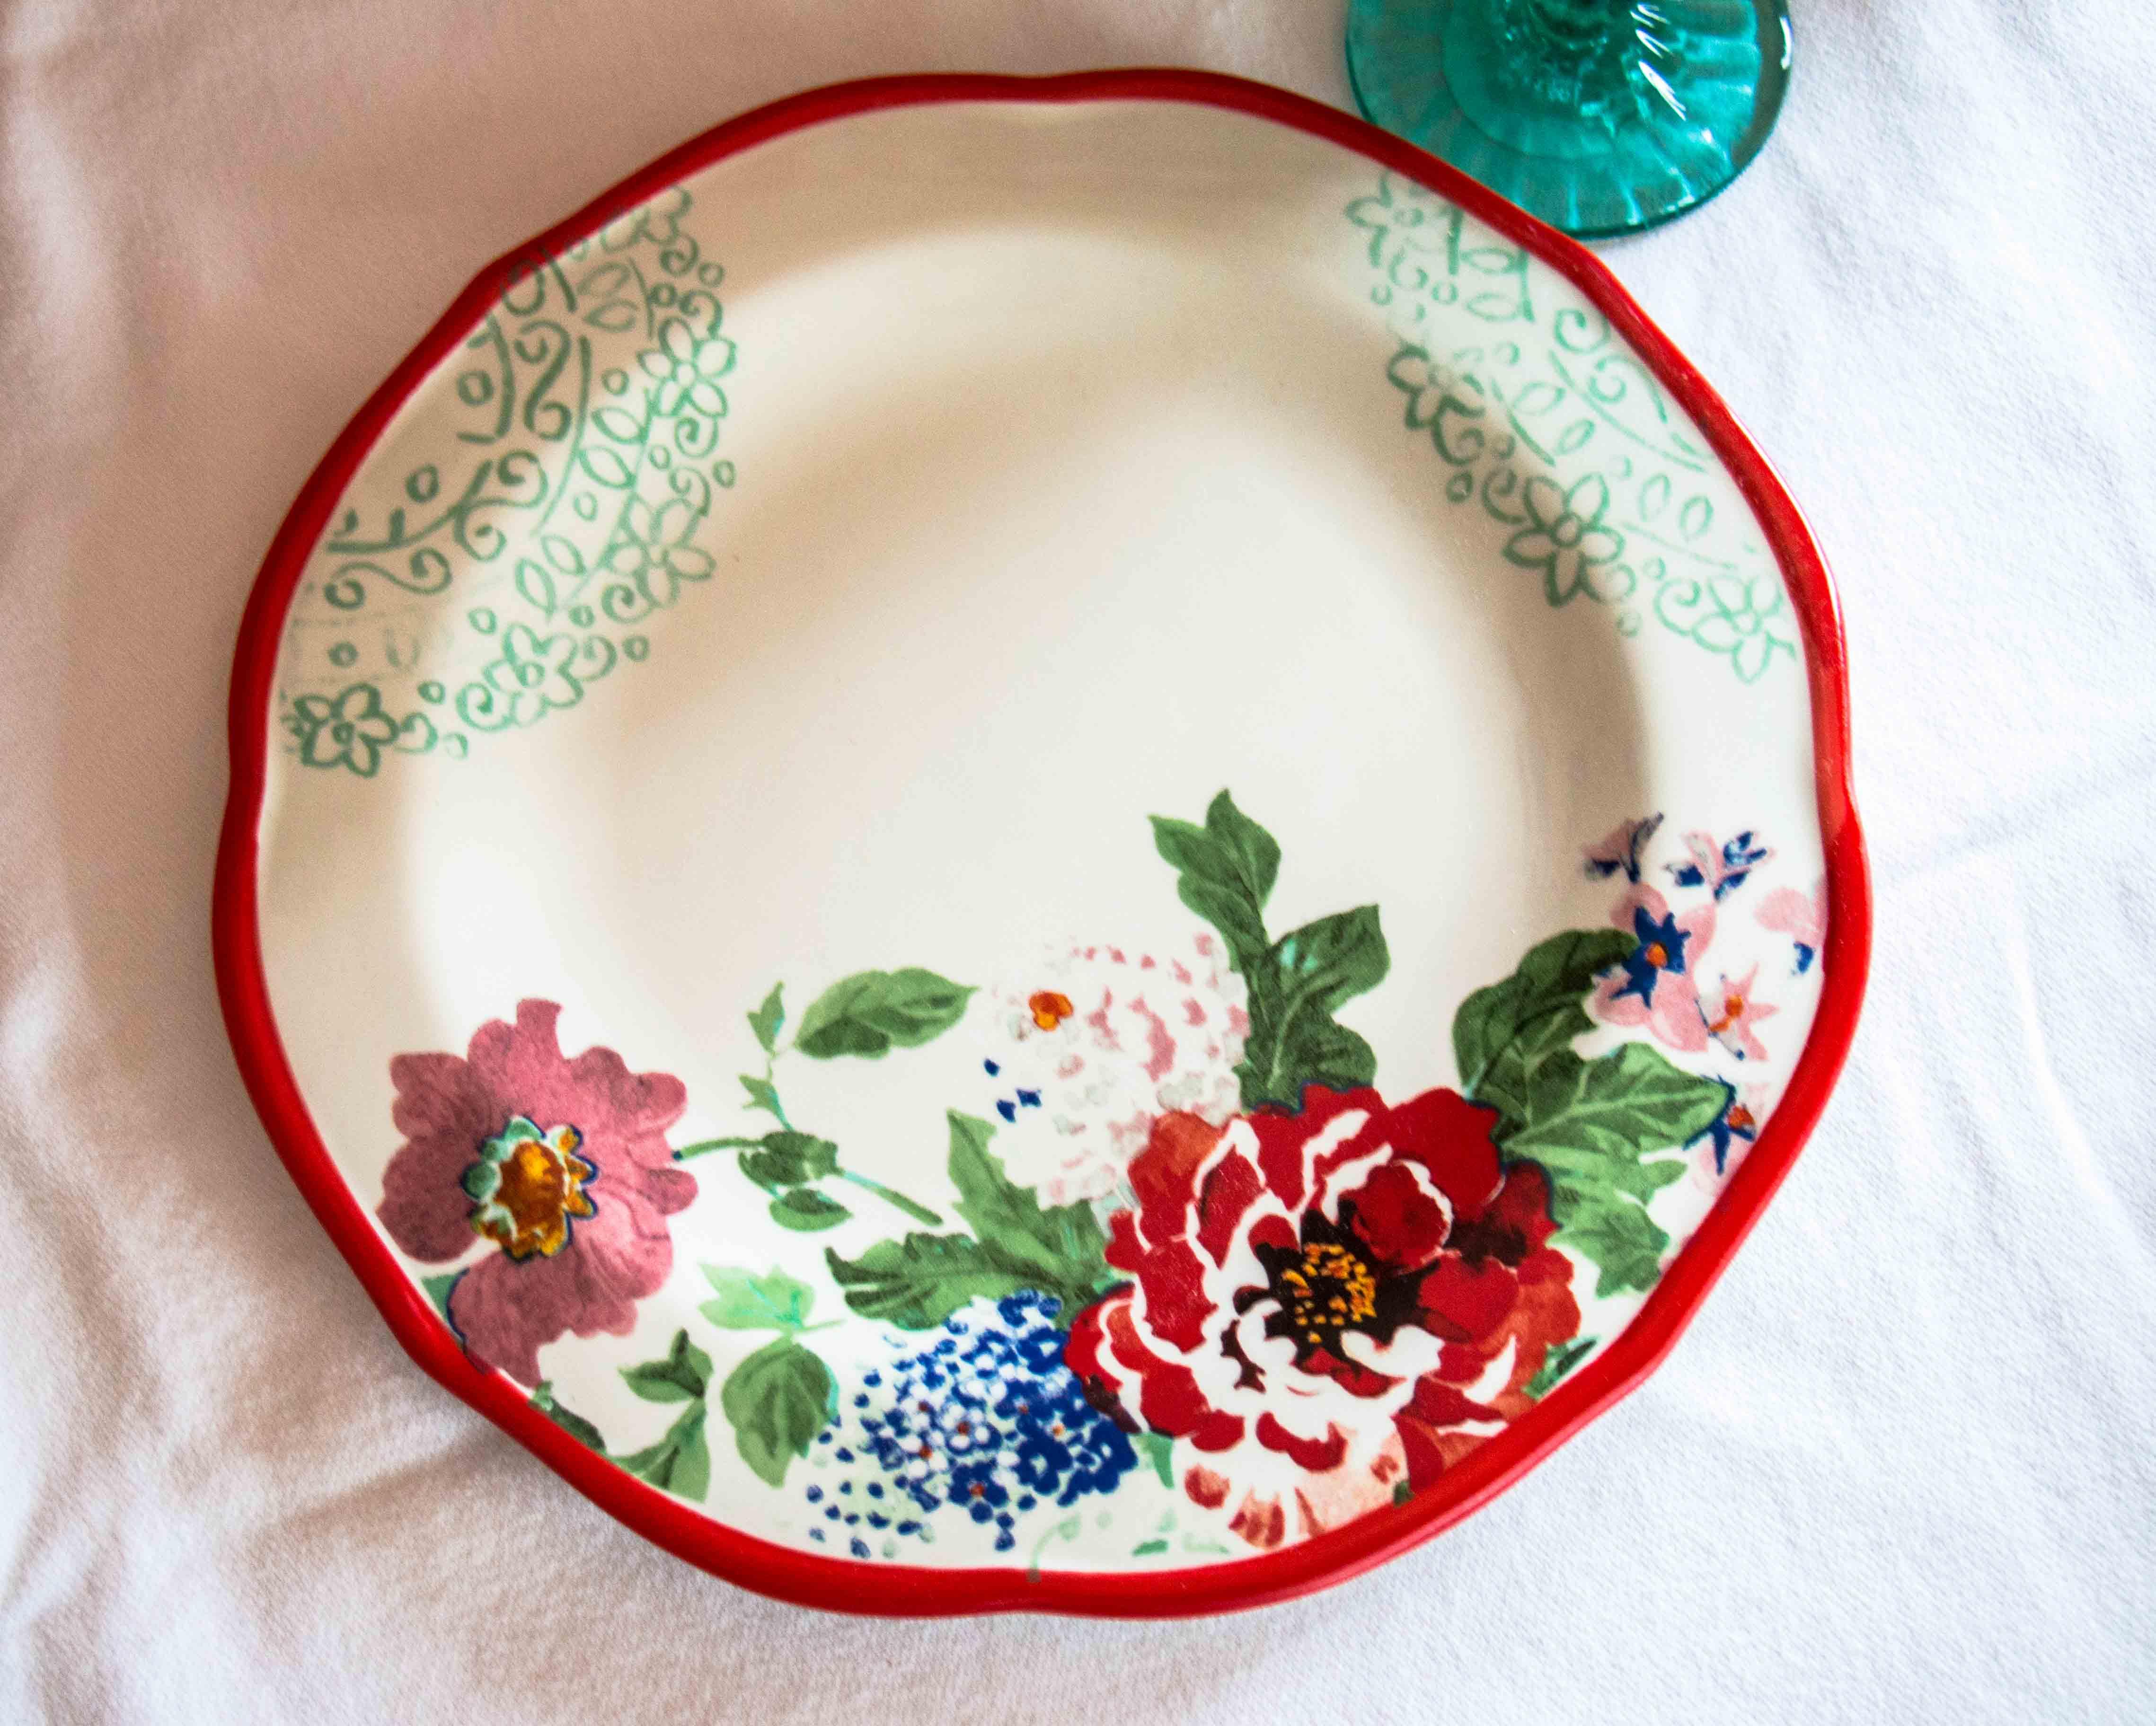 thepioneerwoman_plate - Pioneer Woman Christmas